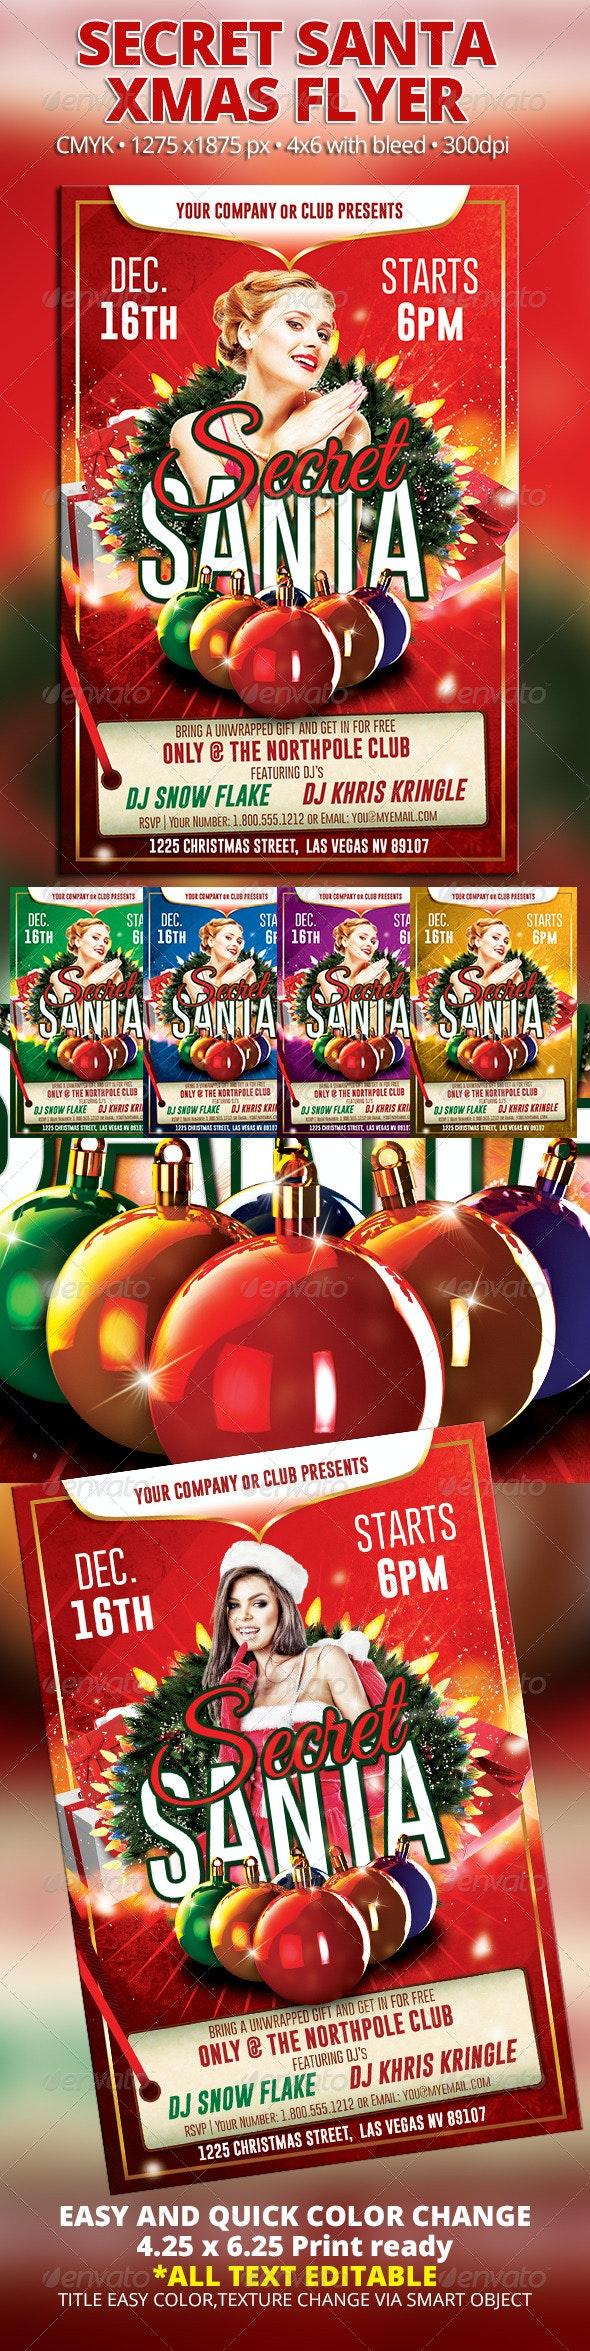 Secret Santa Xmas Flyer - Holidays Events